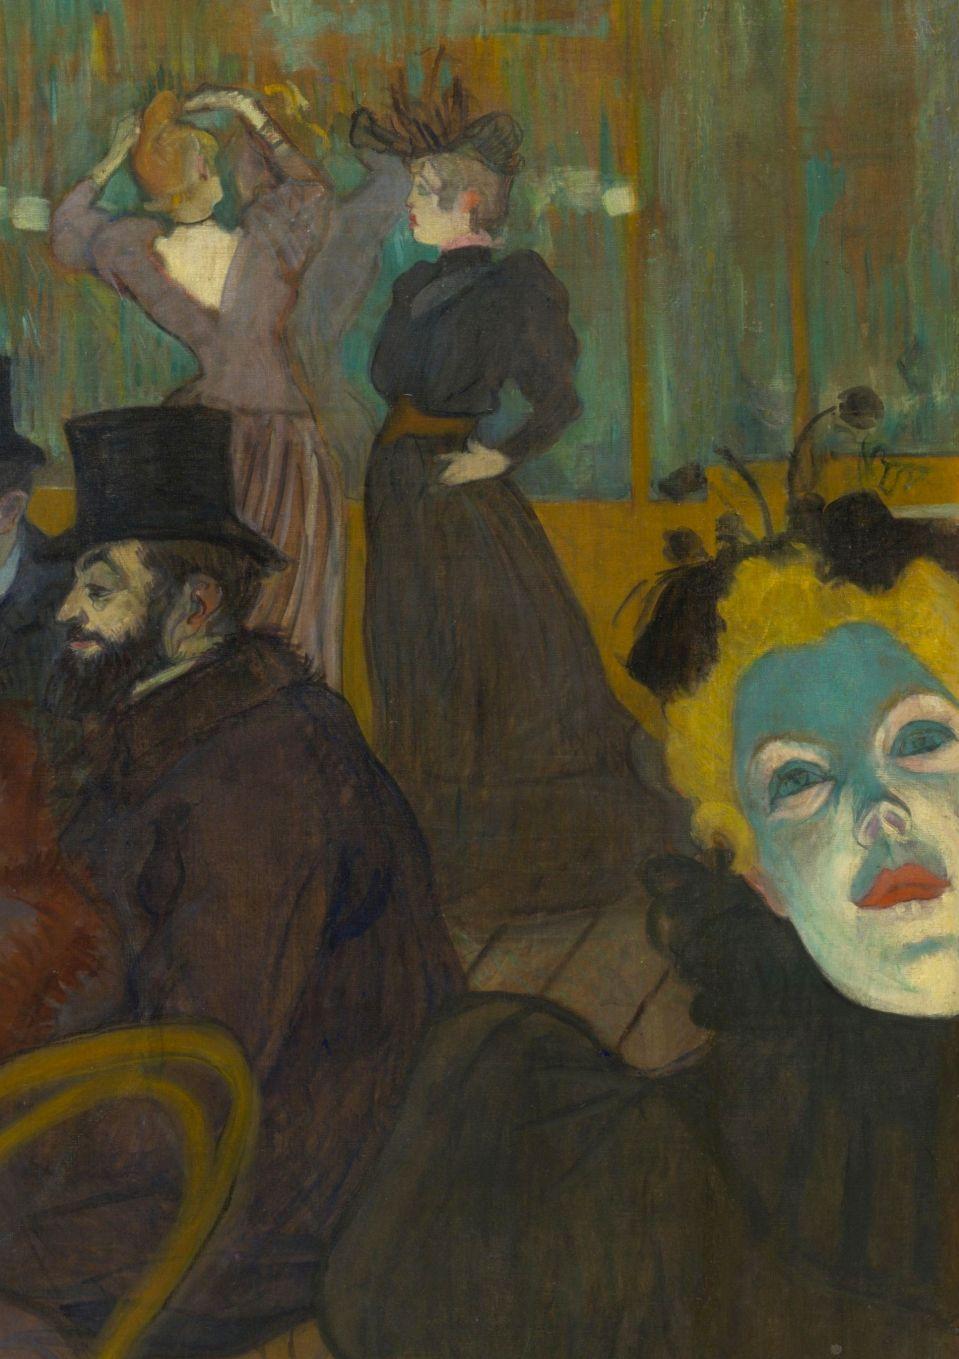 TOULOUSE-LAUTREC, Henri de French Post-Impressionist (1864-1901)_Lautrec- At the Moulin Rouge detail